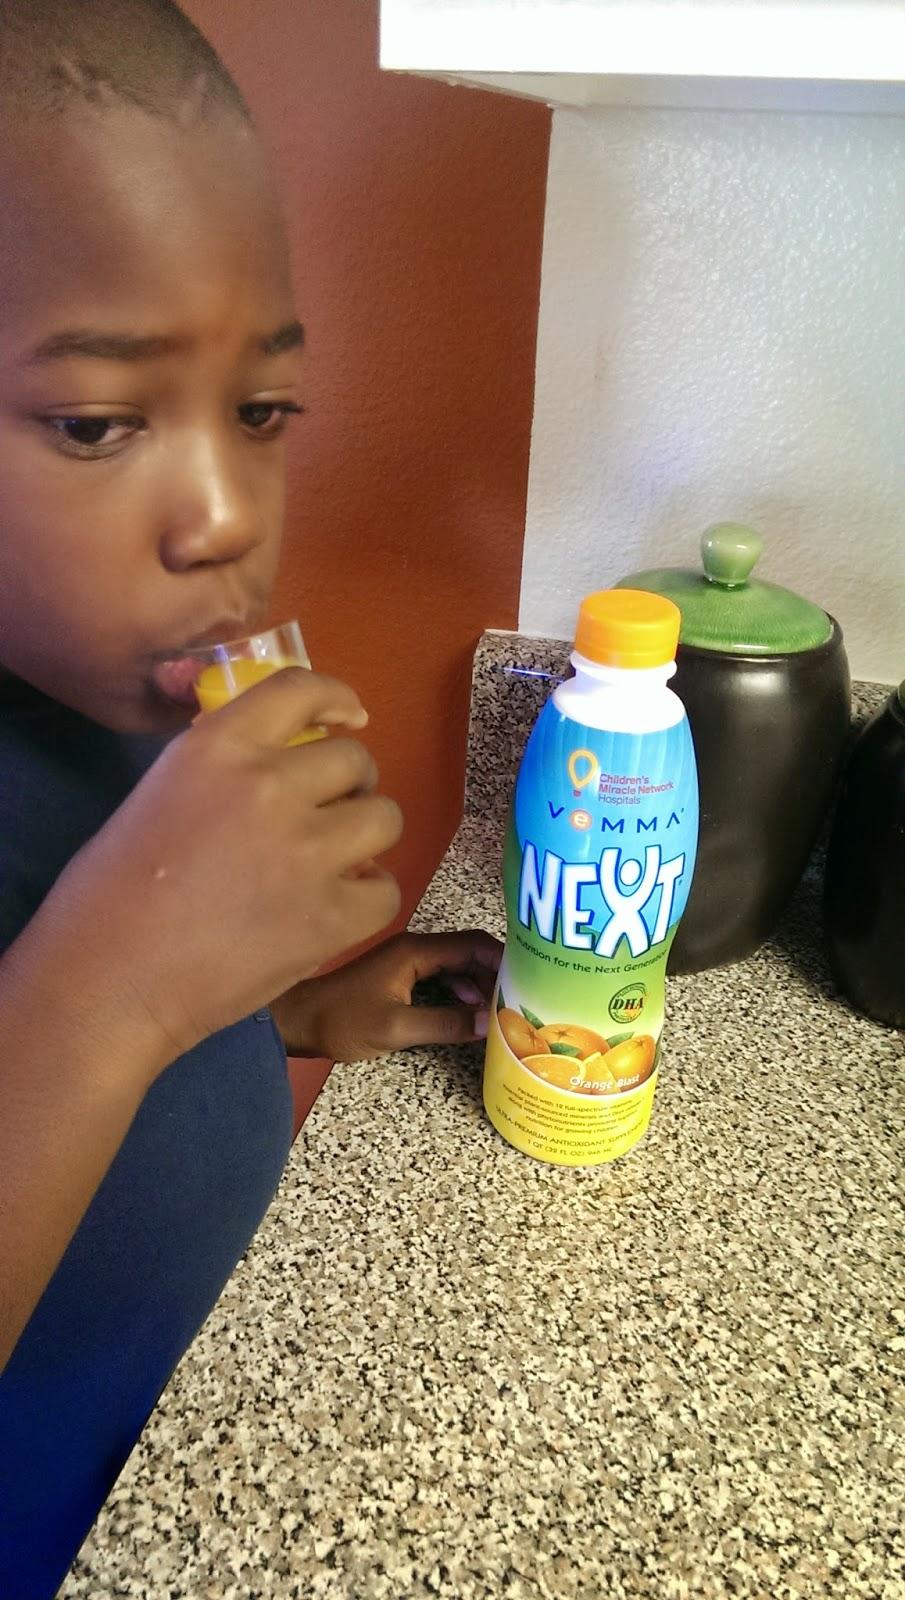 Vemma+Next Vemma Next- Camp Essentials: Nutritional Beverage for Children -Nutrients for Children